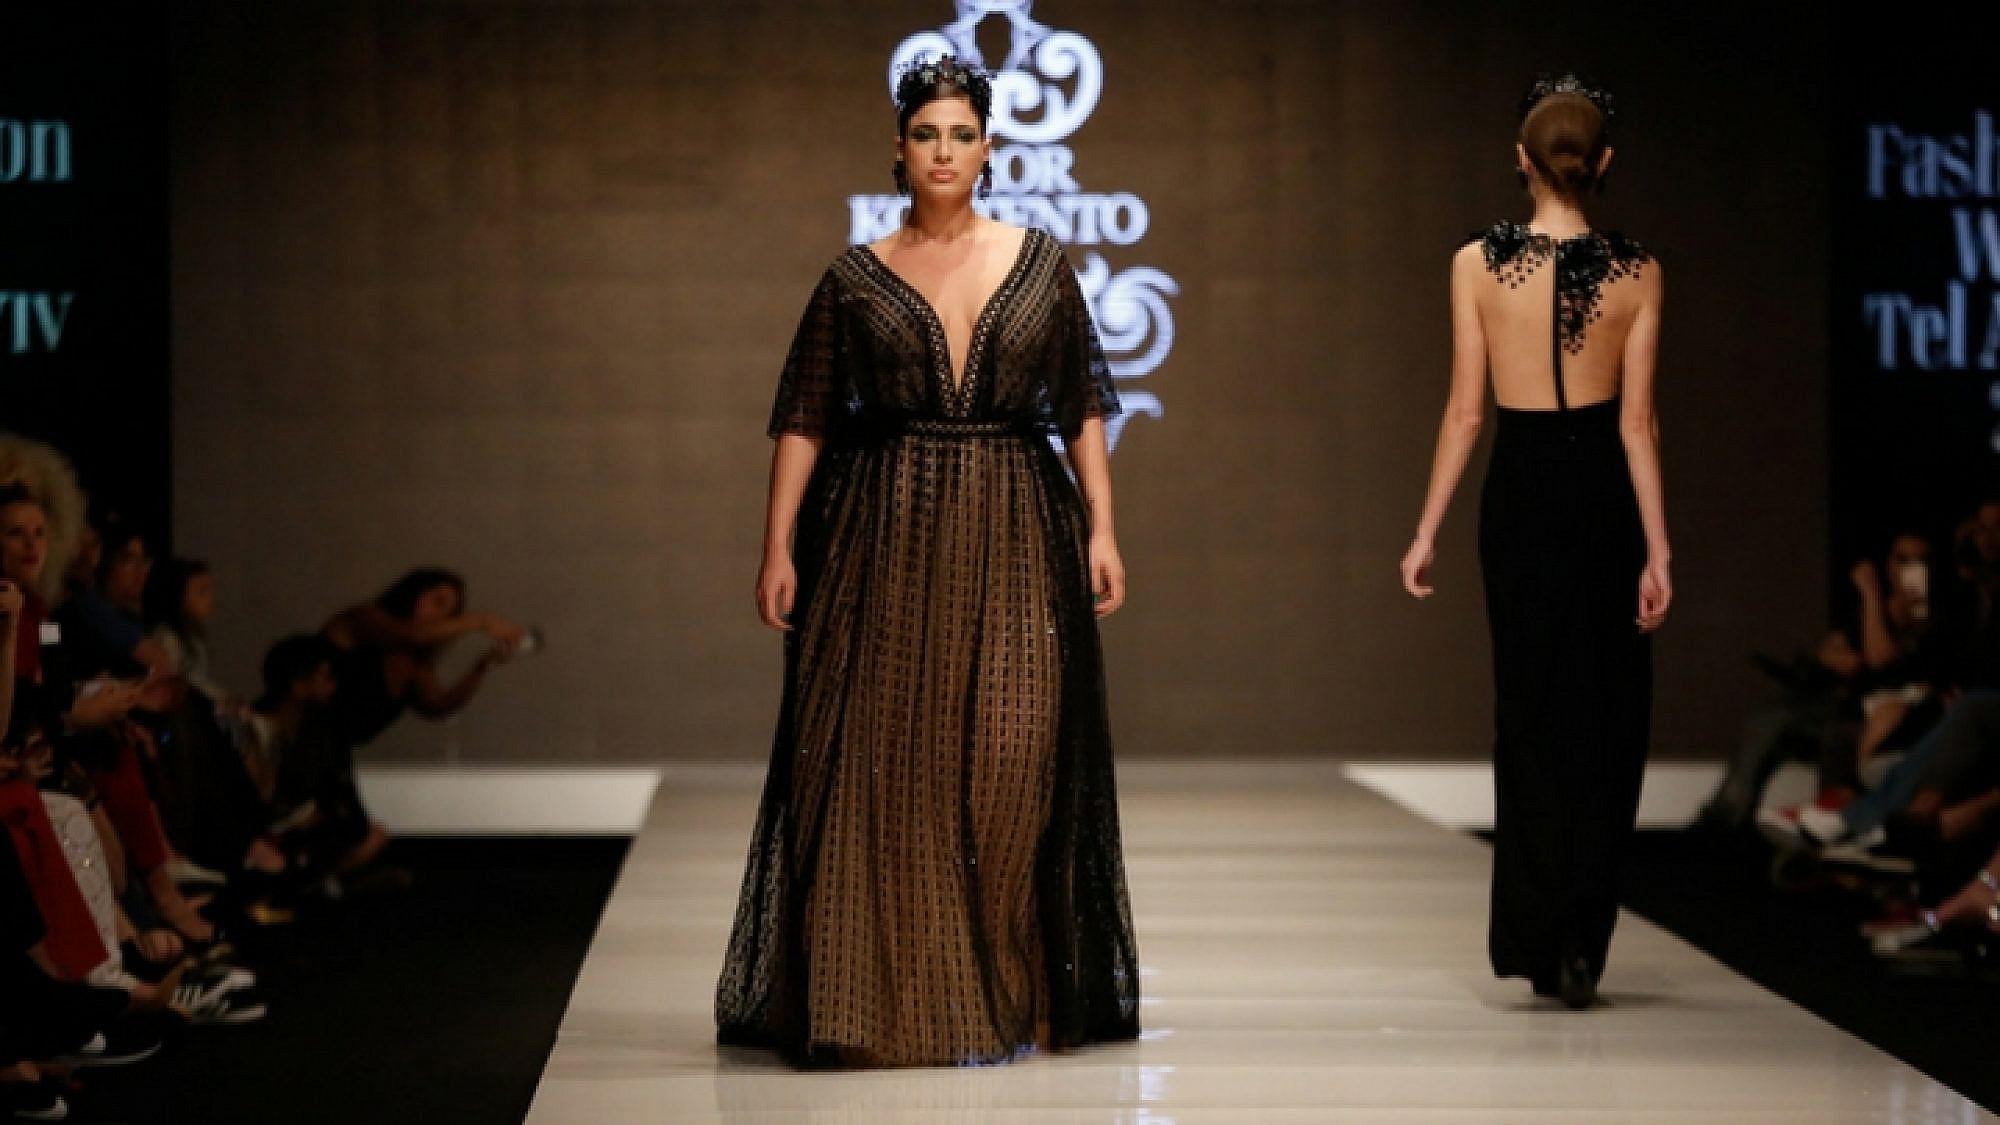 התצוגה של דרור קונטנטו בשבוע האופנה תל אביב 2018 | צילום: אדריאן סבל